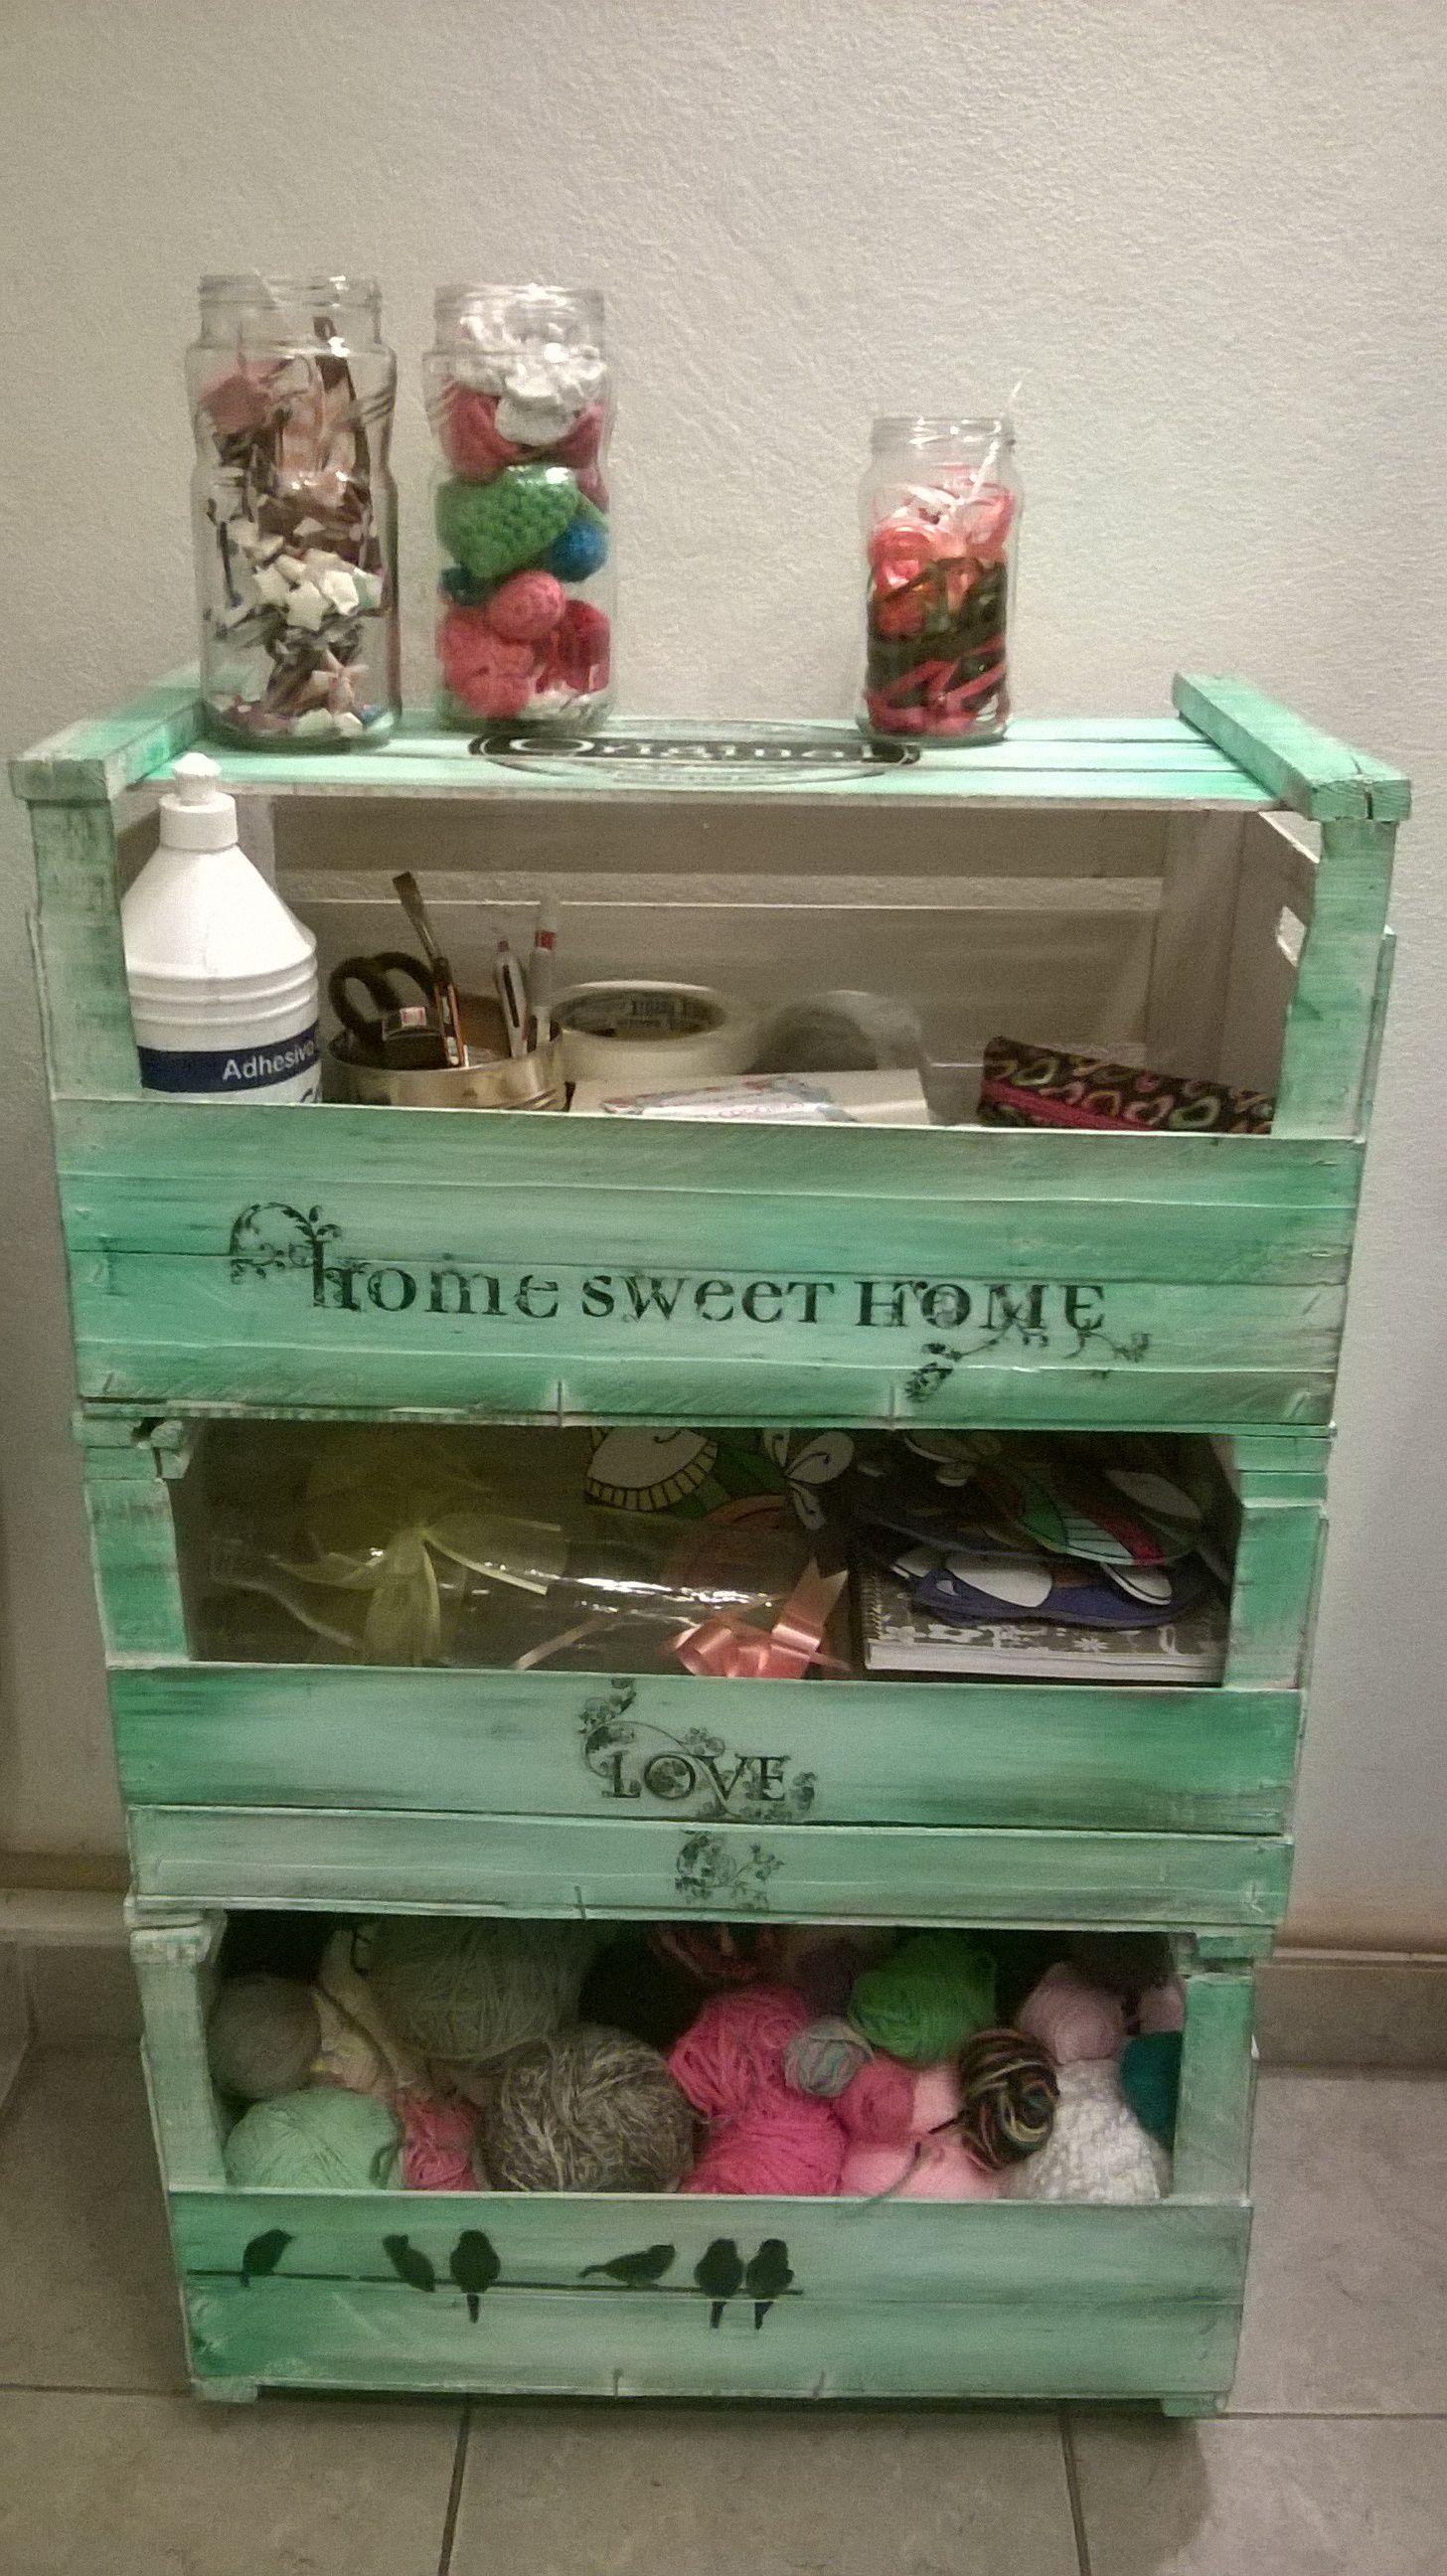 Con cajones de frutas muebles reciclados pinterest - Manualidades con muebles ...